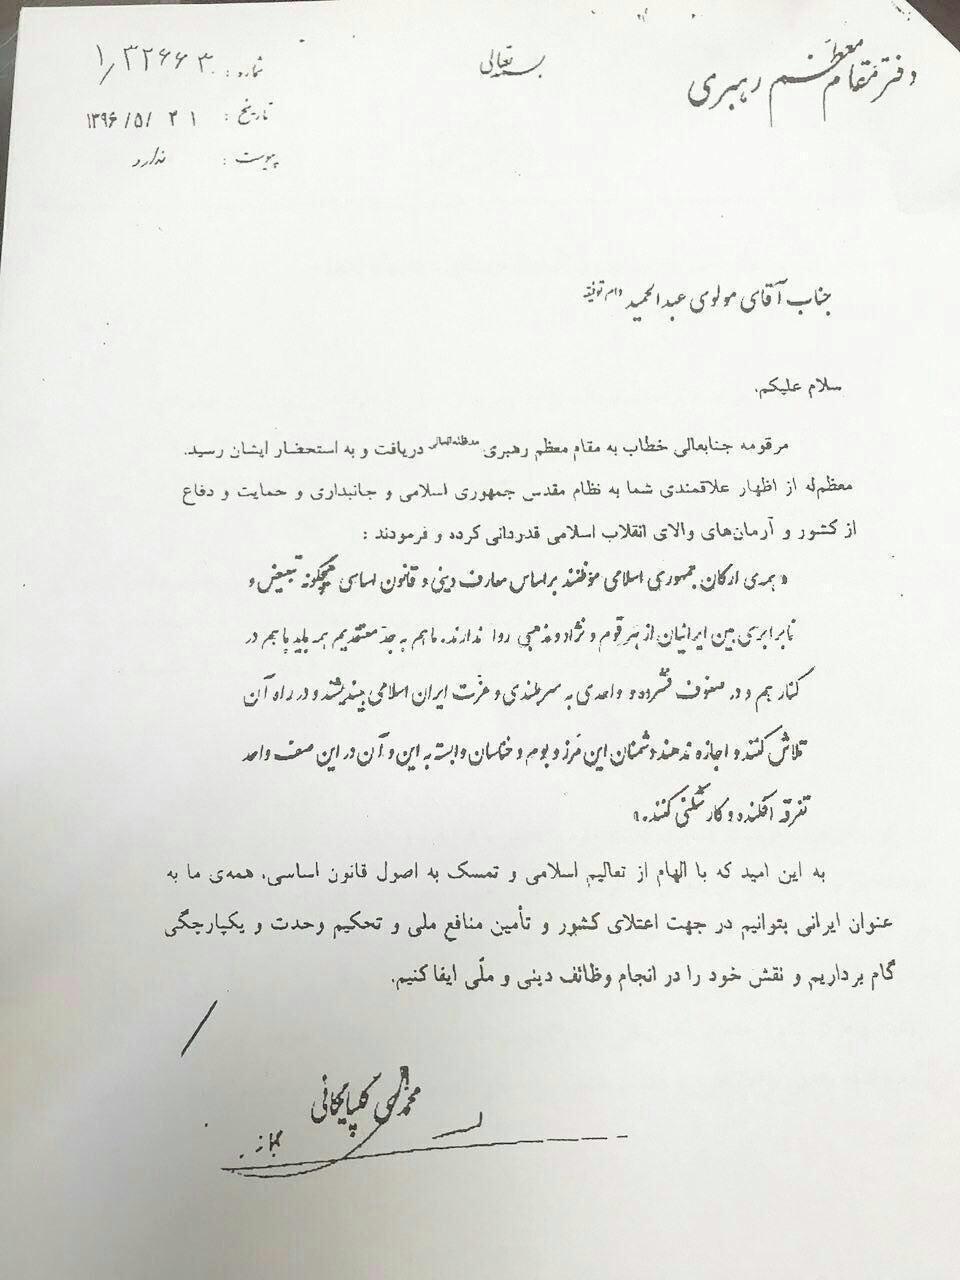 پاسخ مقام معظم رهبری به نامه مولوی عبدالحمید: همه ارکان جمهوری اسلامی موظفند ... هیچگونه تبعیض و نابرابری بین ایرانیان از هر قوم و نژاد و مذهبی روا ندارند